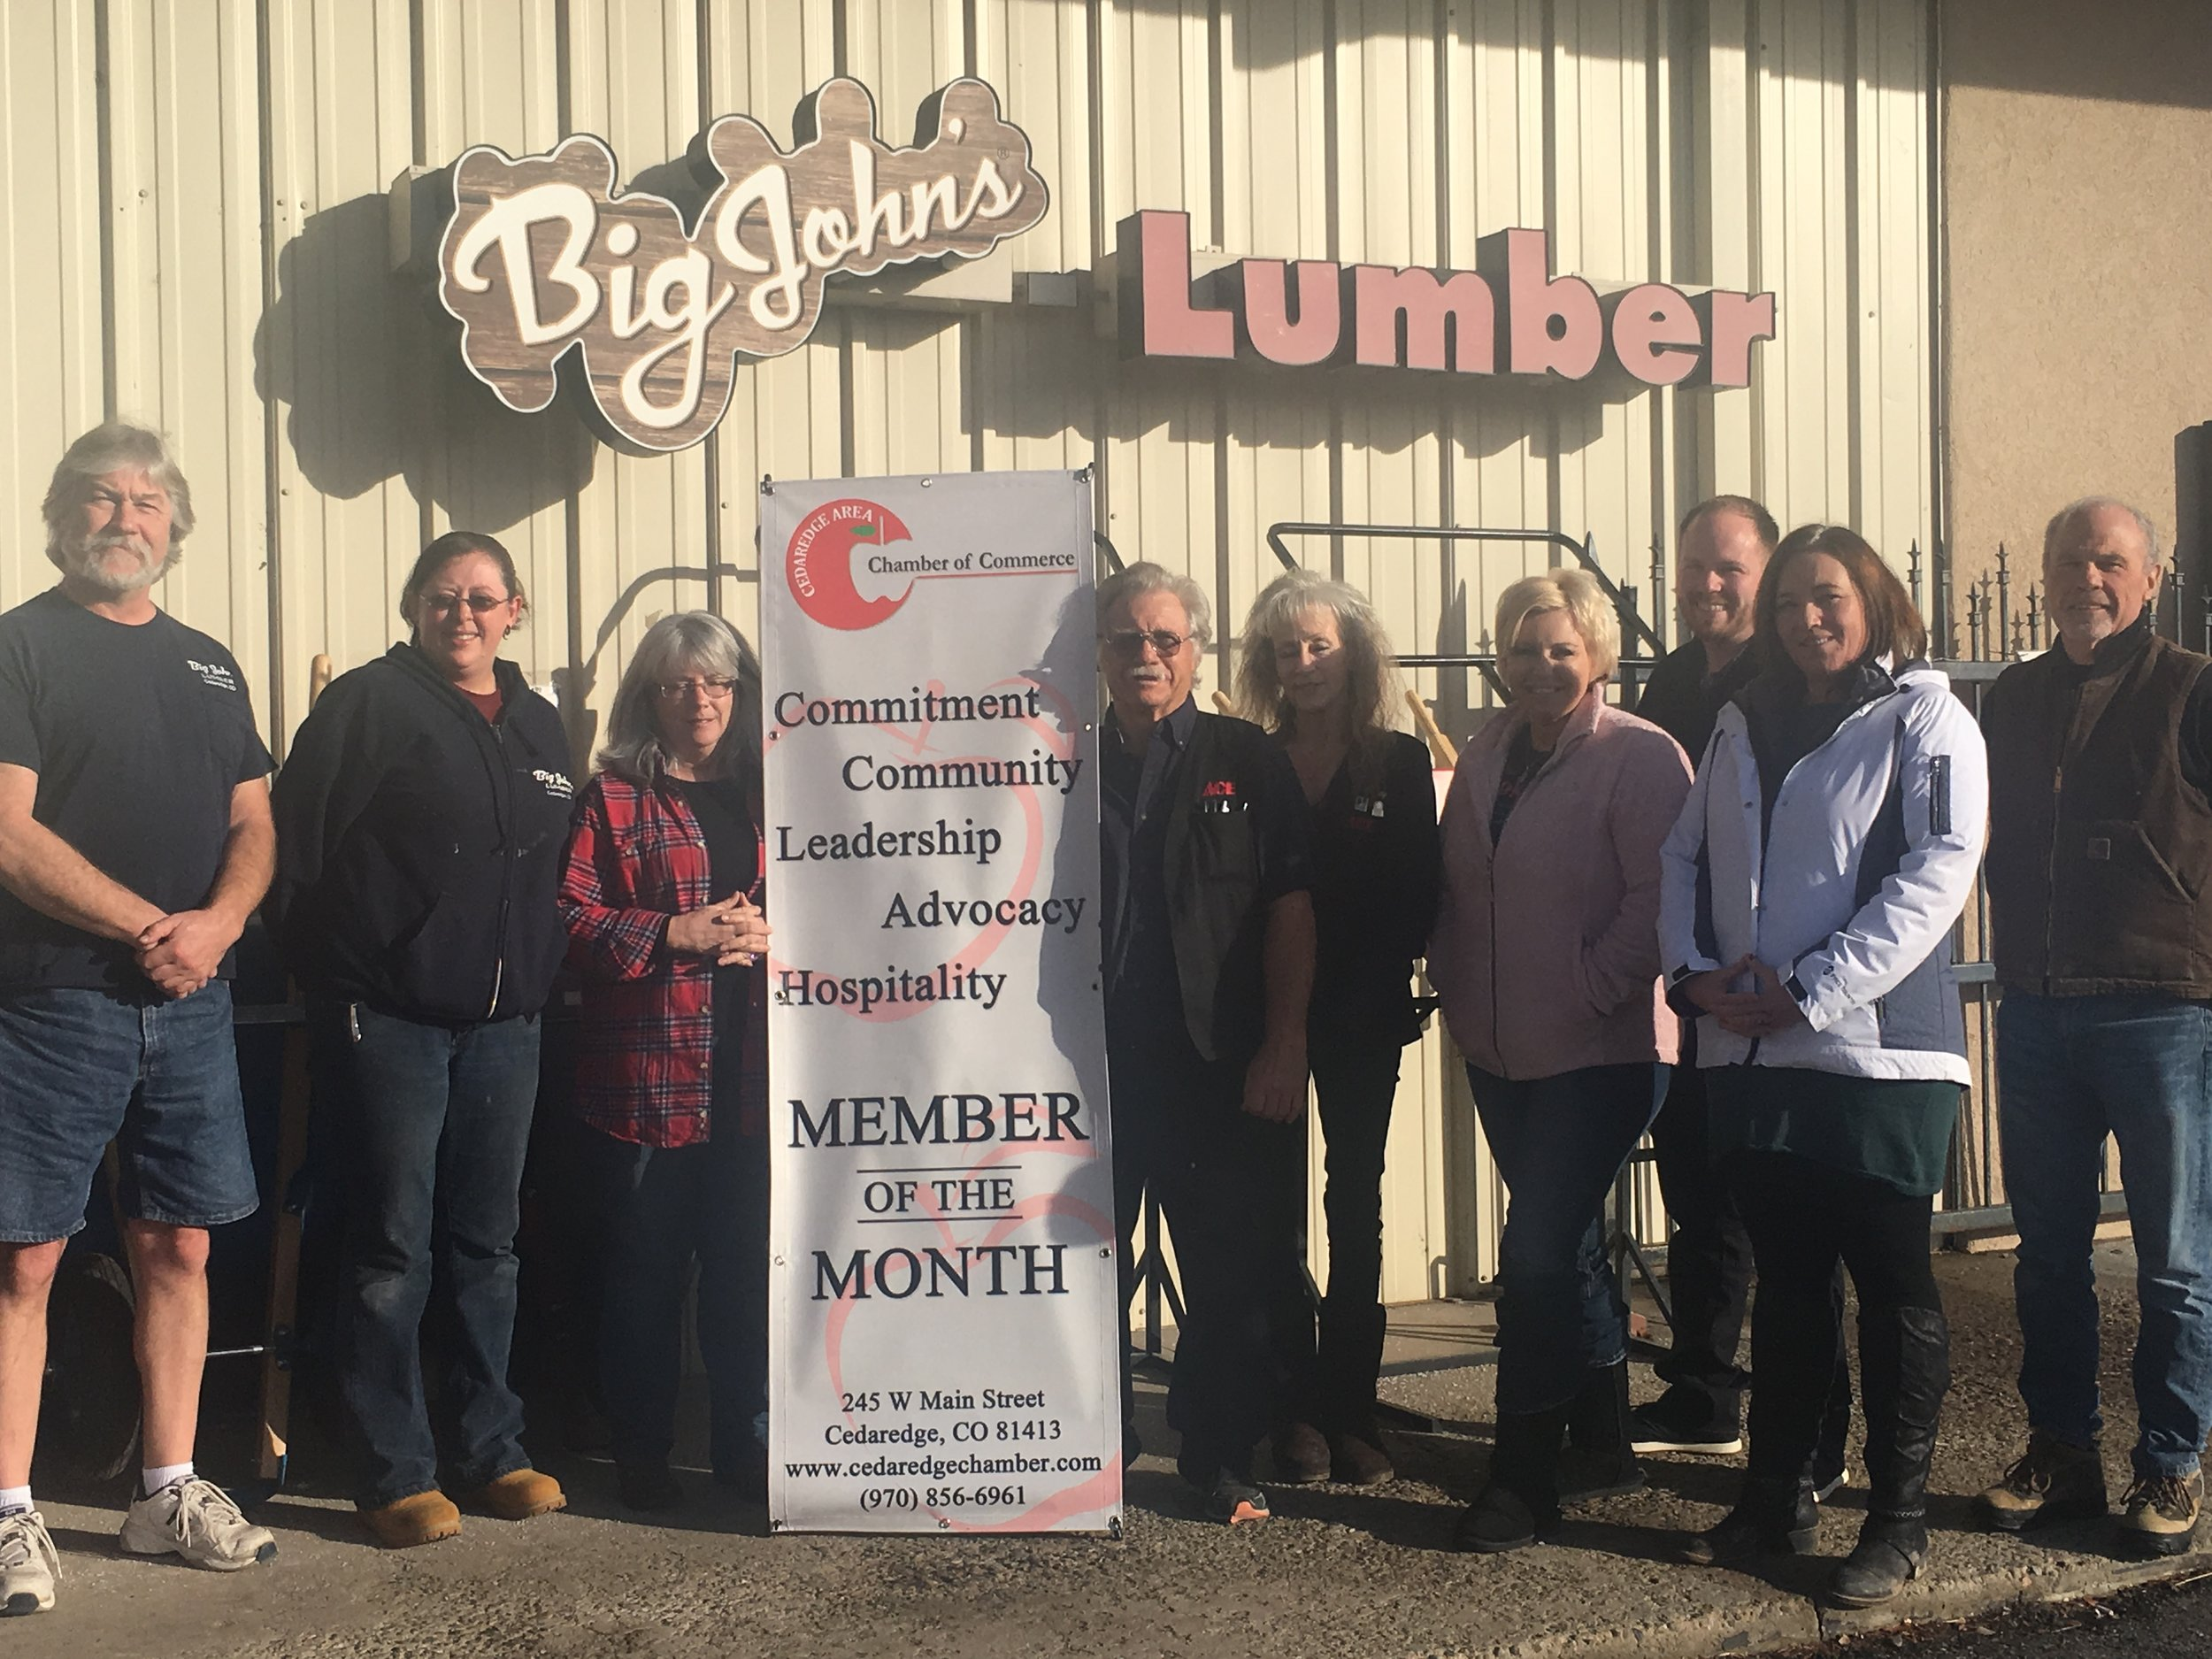 Big John's LumberJanuary 2019 -